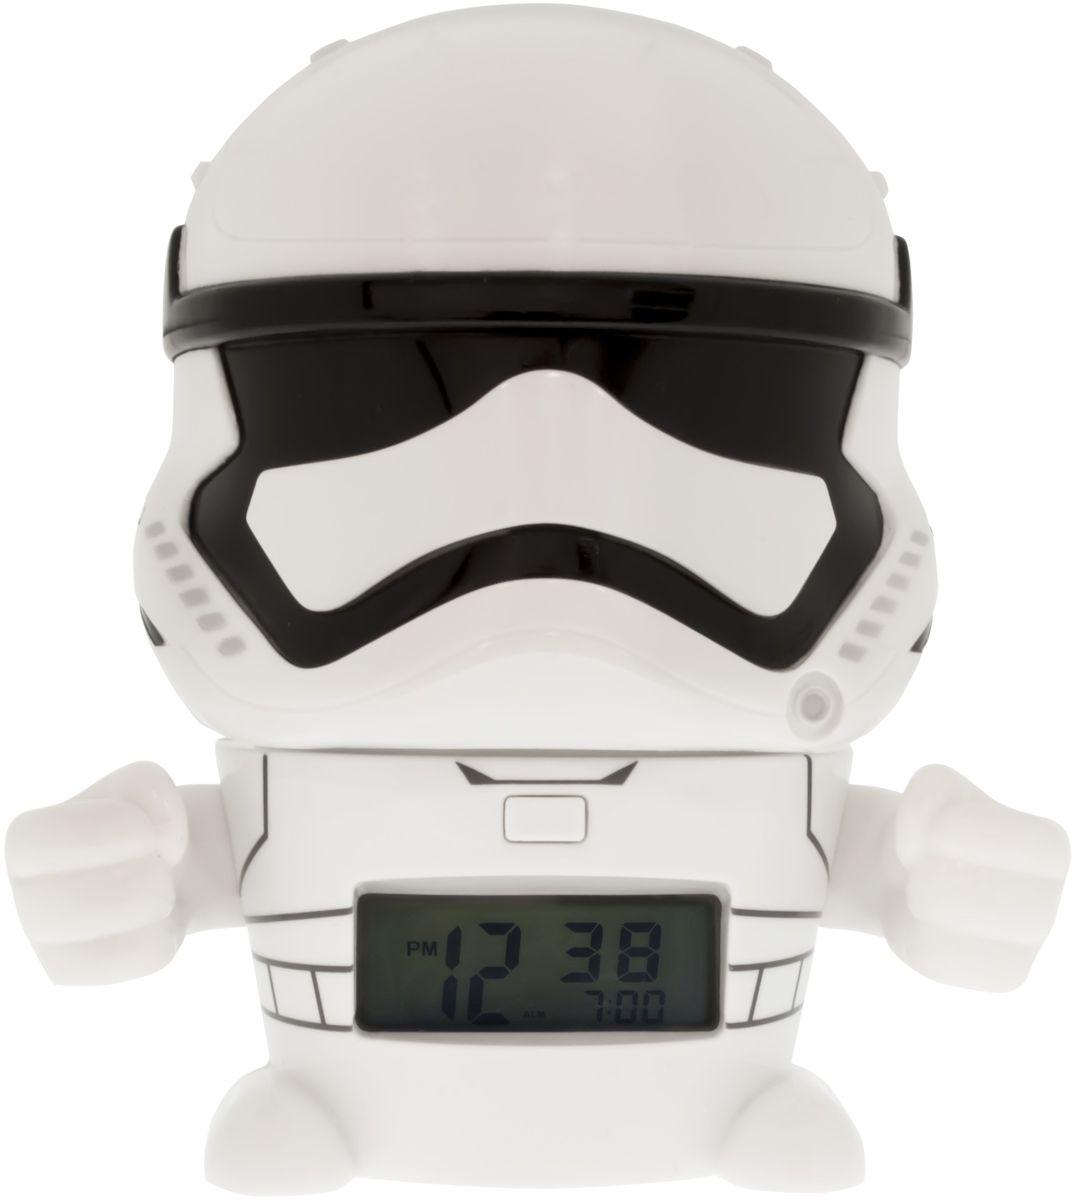 StarWars Будильник BulbBotz Stormtrooper - Радиобудильники и проекционные часы